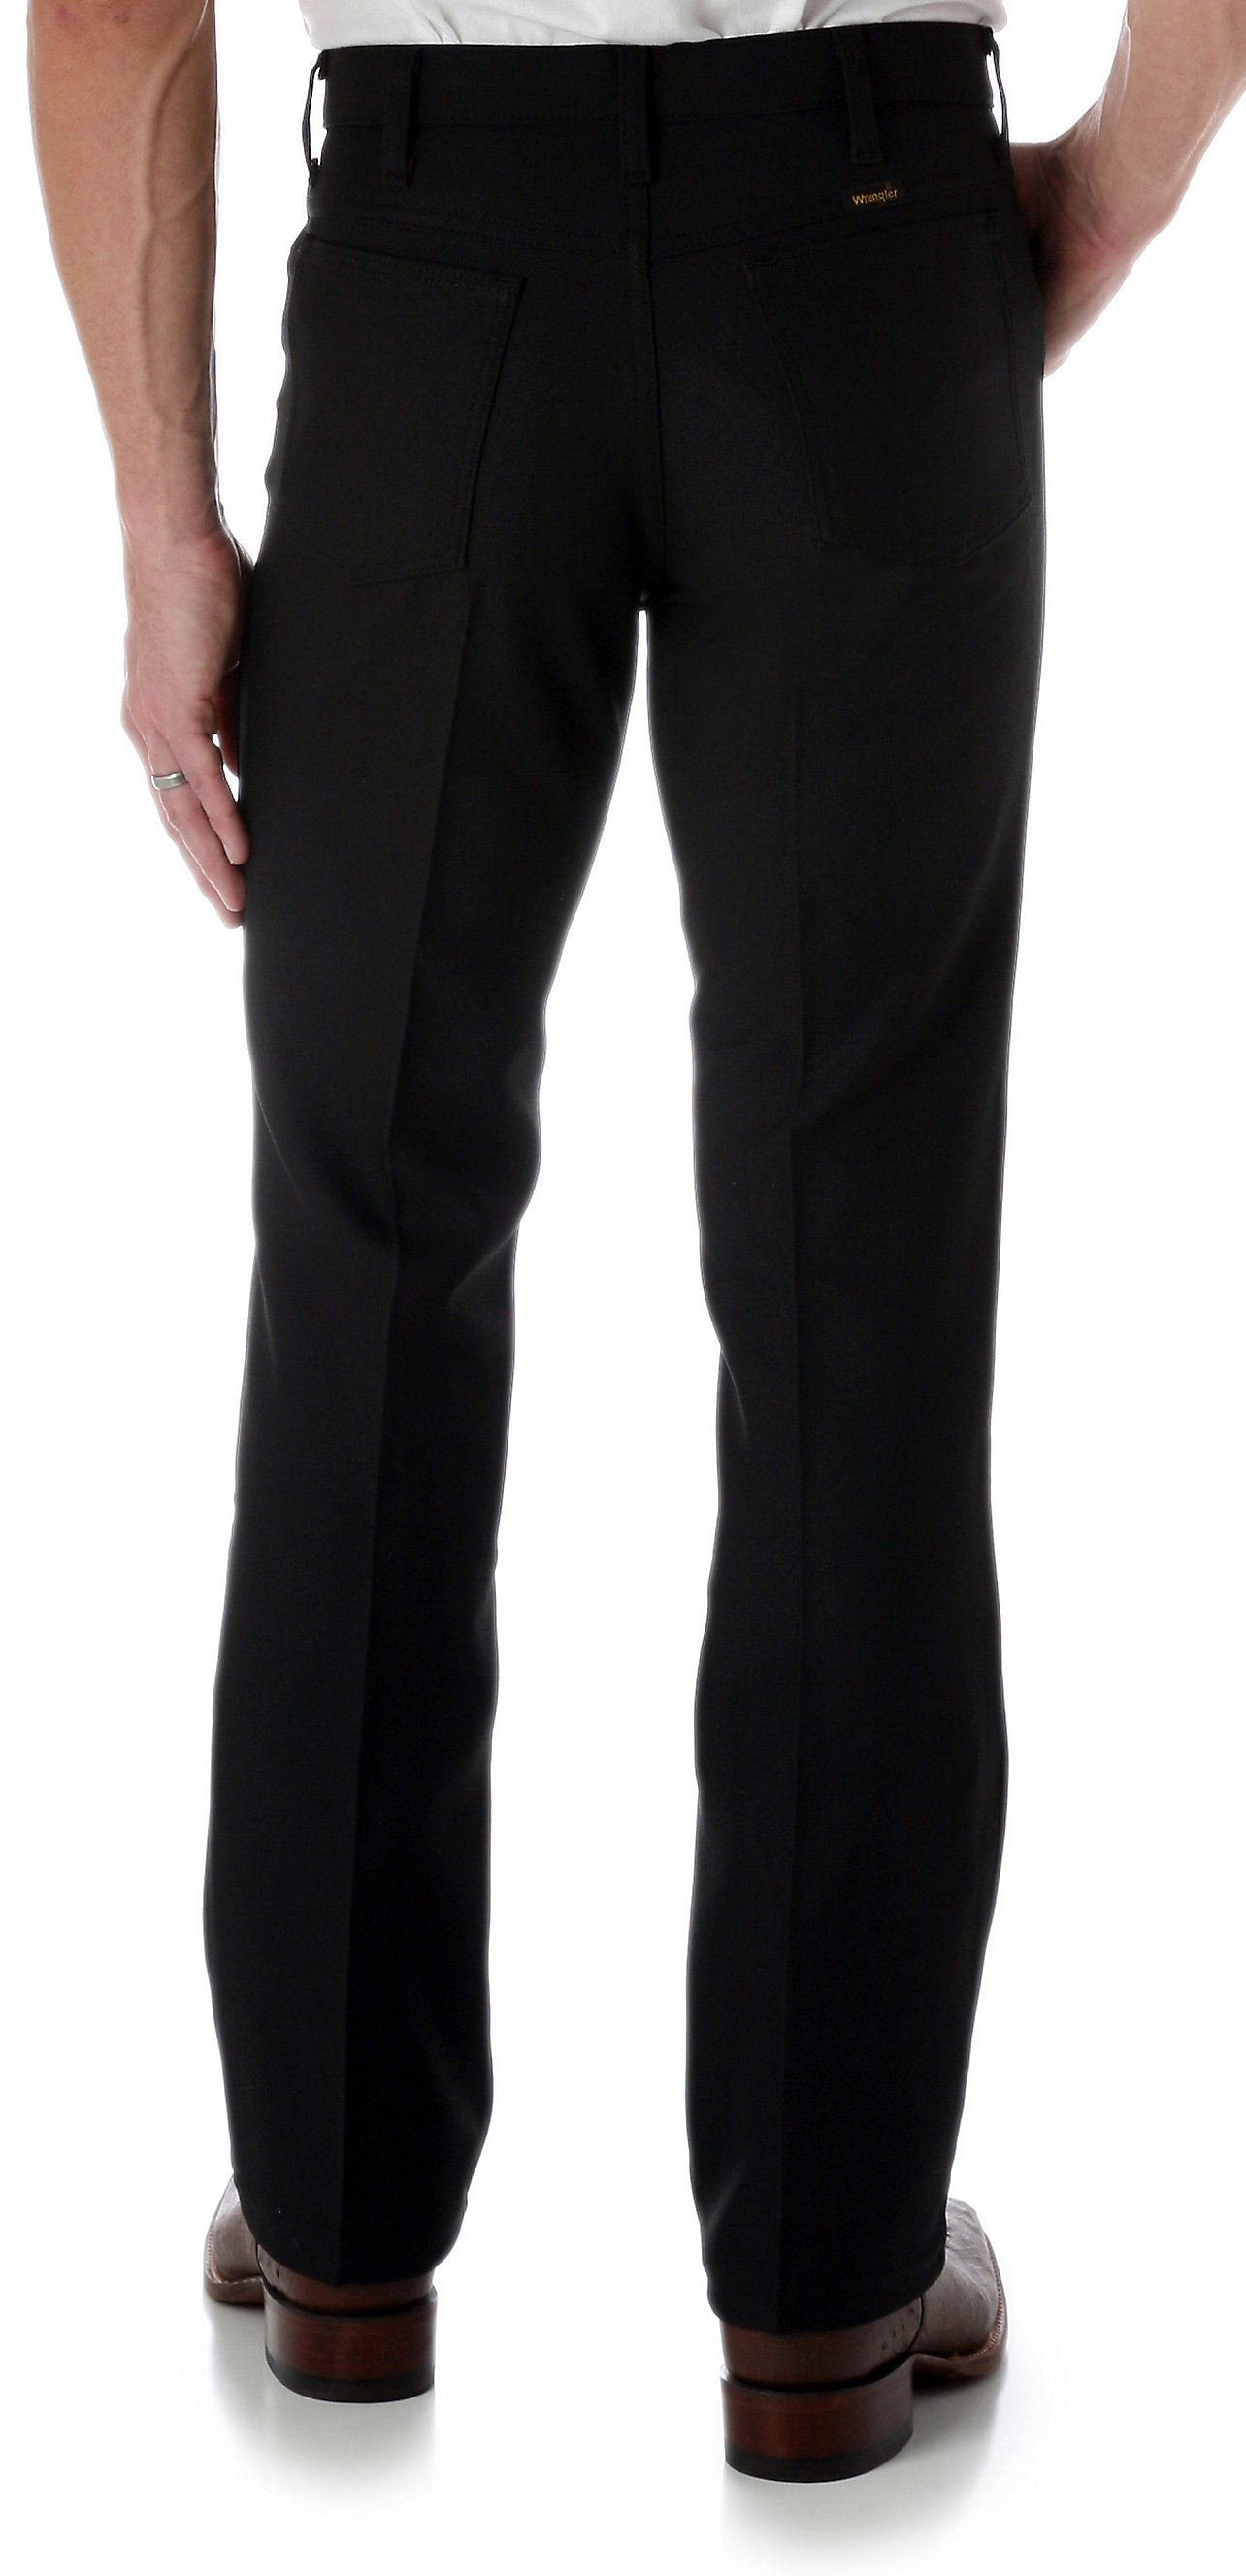 Wrangler Wrancher Black Dress Pants | Cavender's